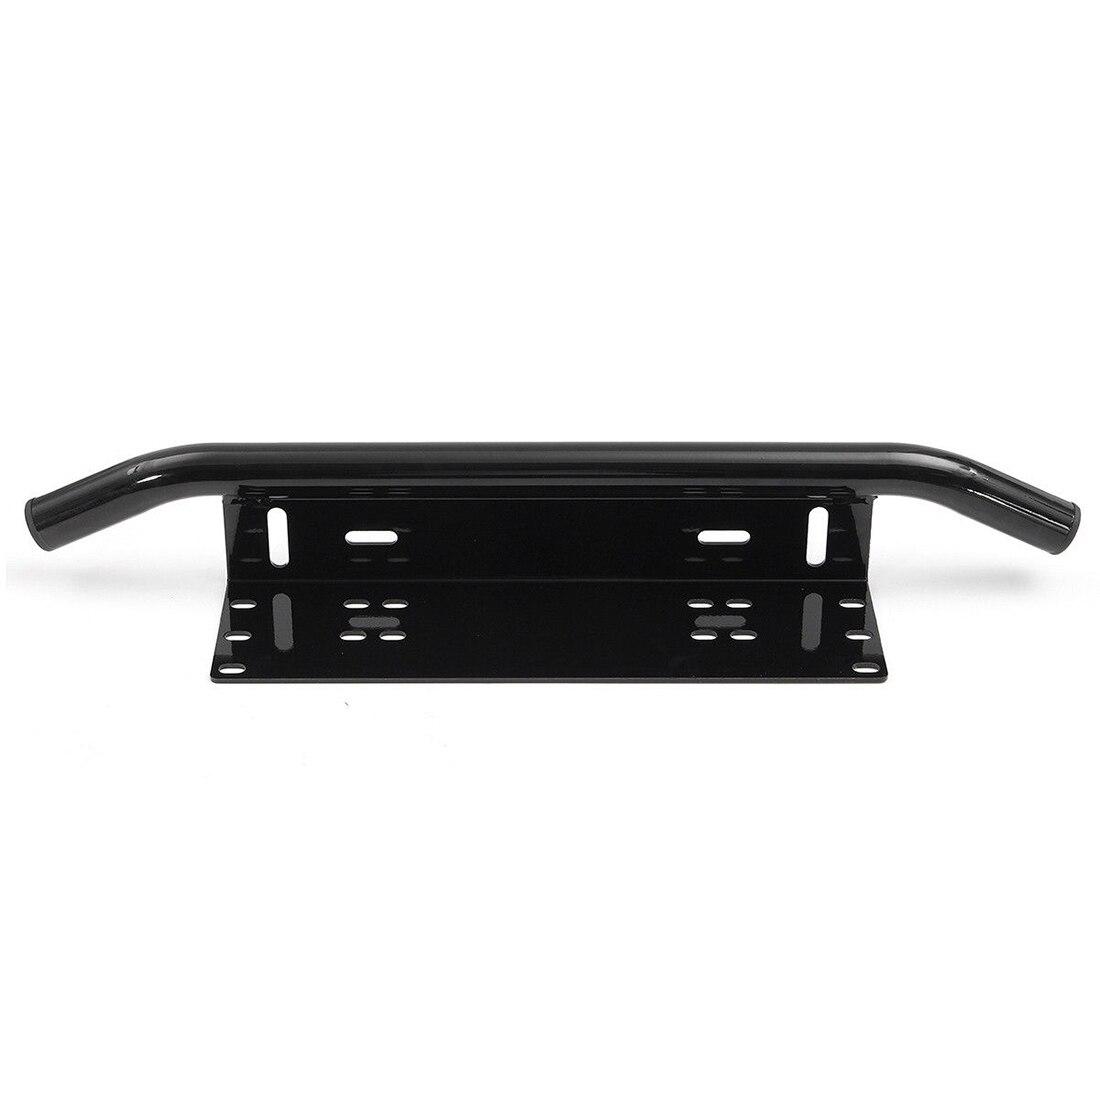 58.4cm Front Bumper License Plate Mount Bracket Holder Bar For Fog Working Lamp